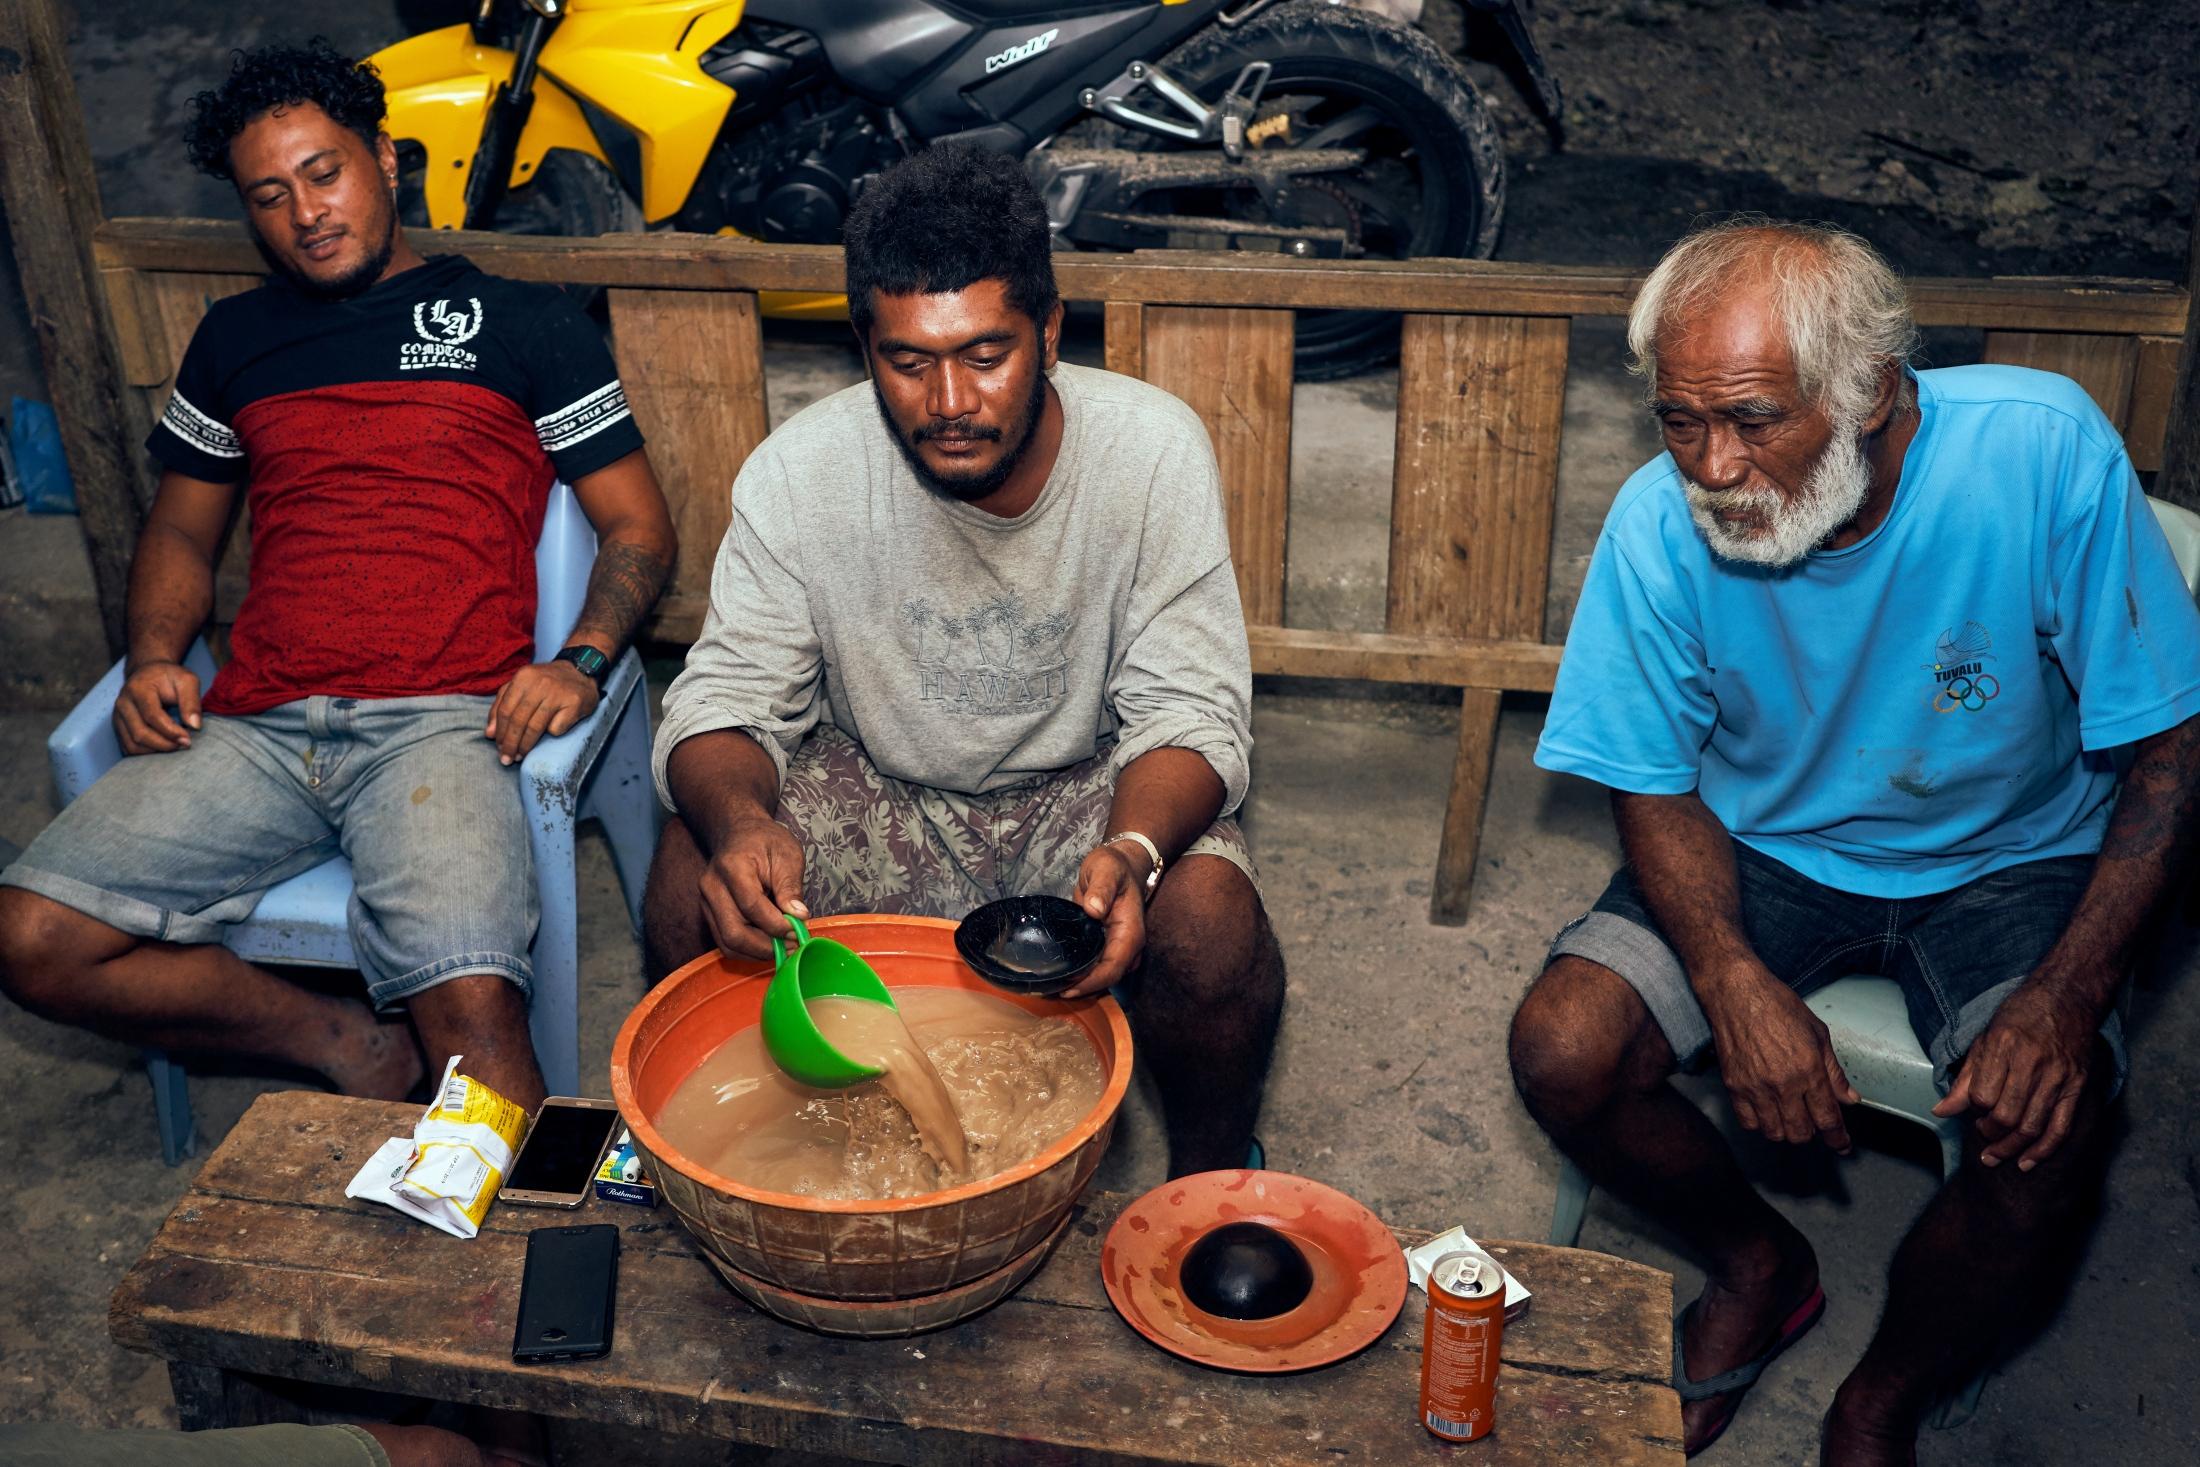 Kava, Tuvalu style.